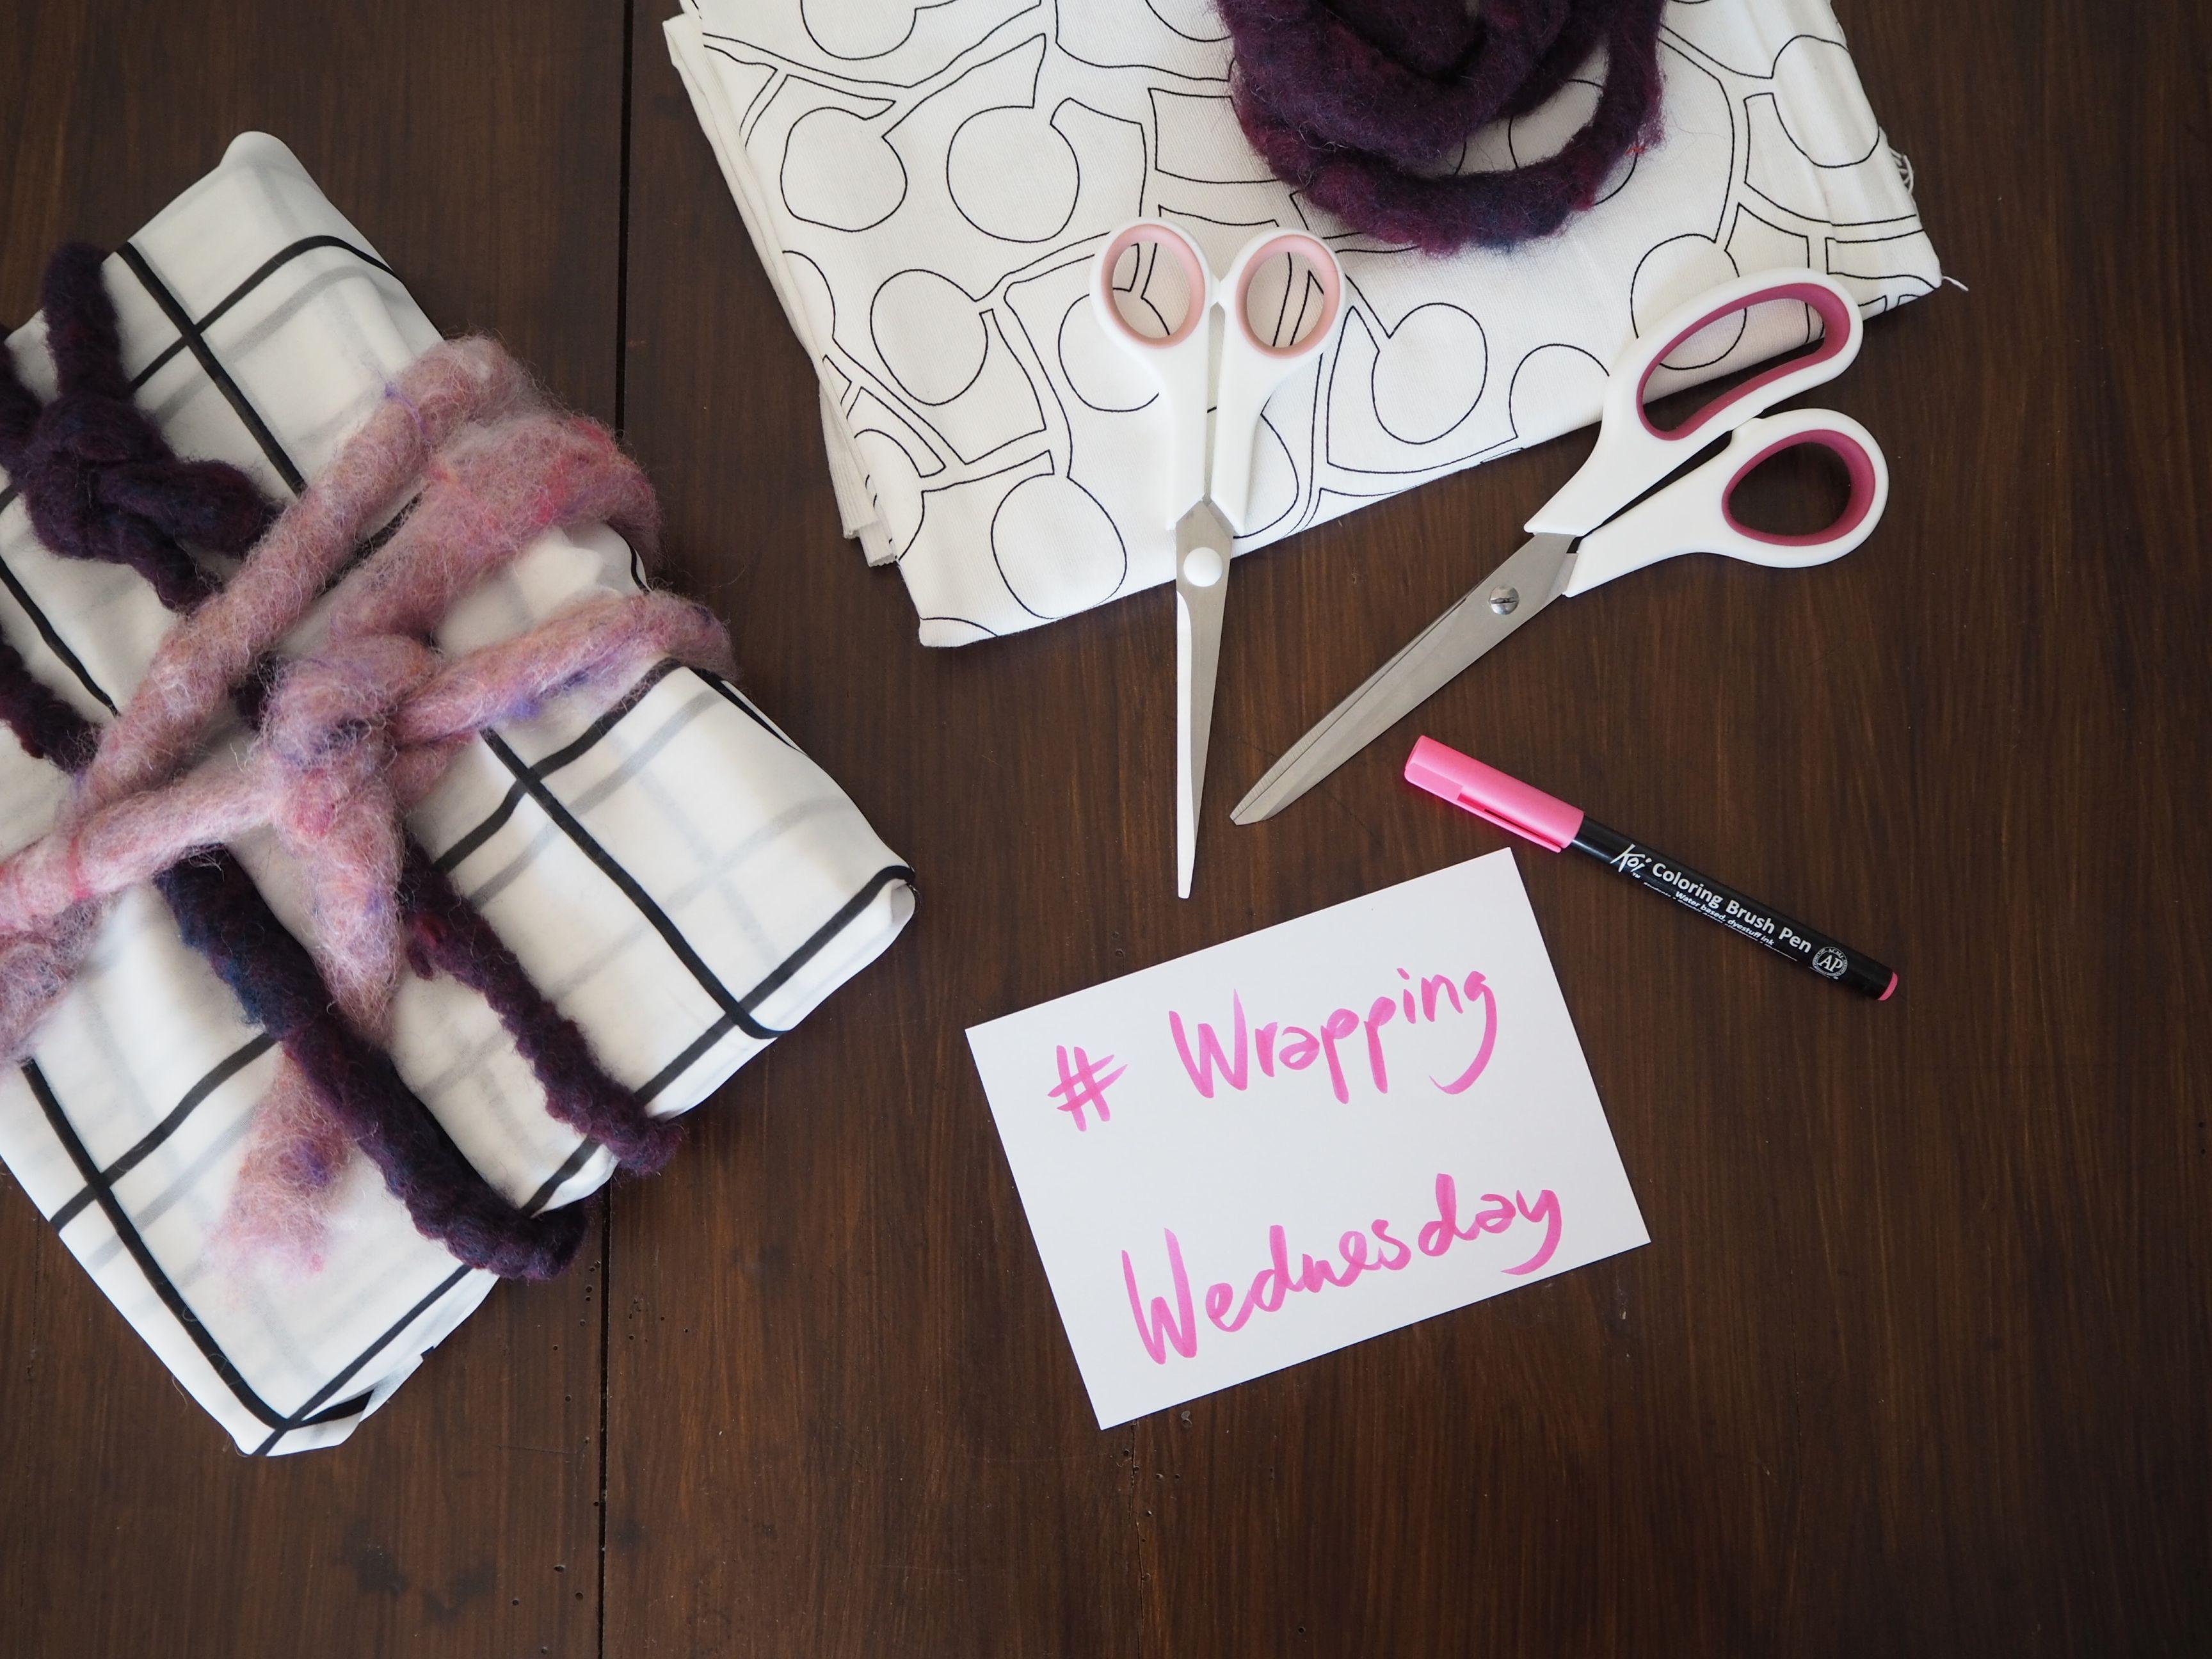 2016-08-diy-wrapping-wednesday-stoffreste-und-filz (3)